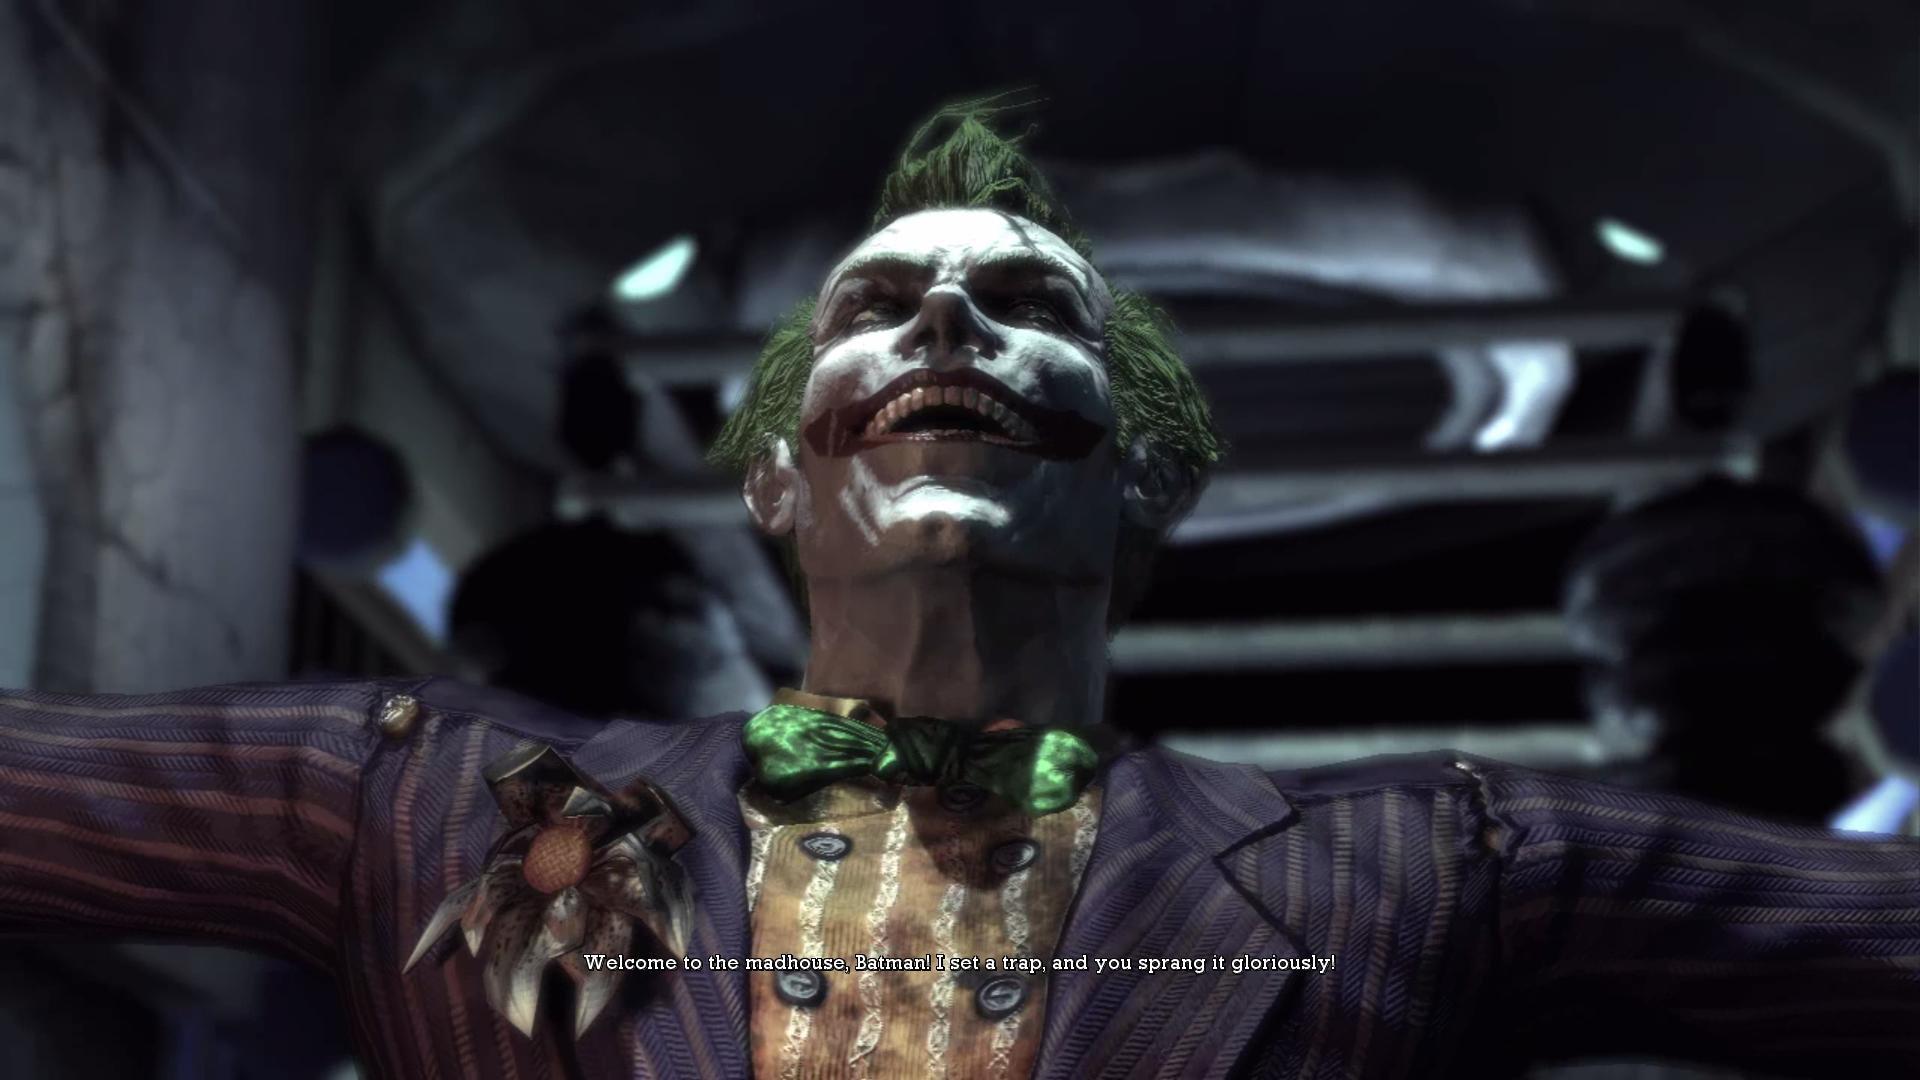 Batman Arkham Asylum Joker wallpaper 63424 1920x1080